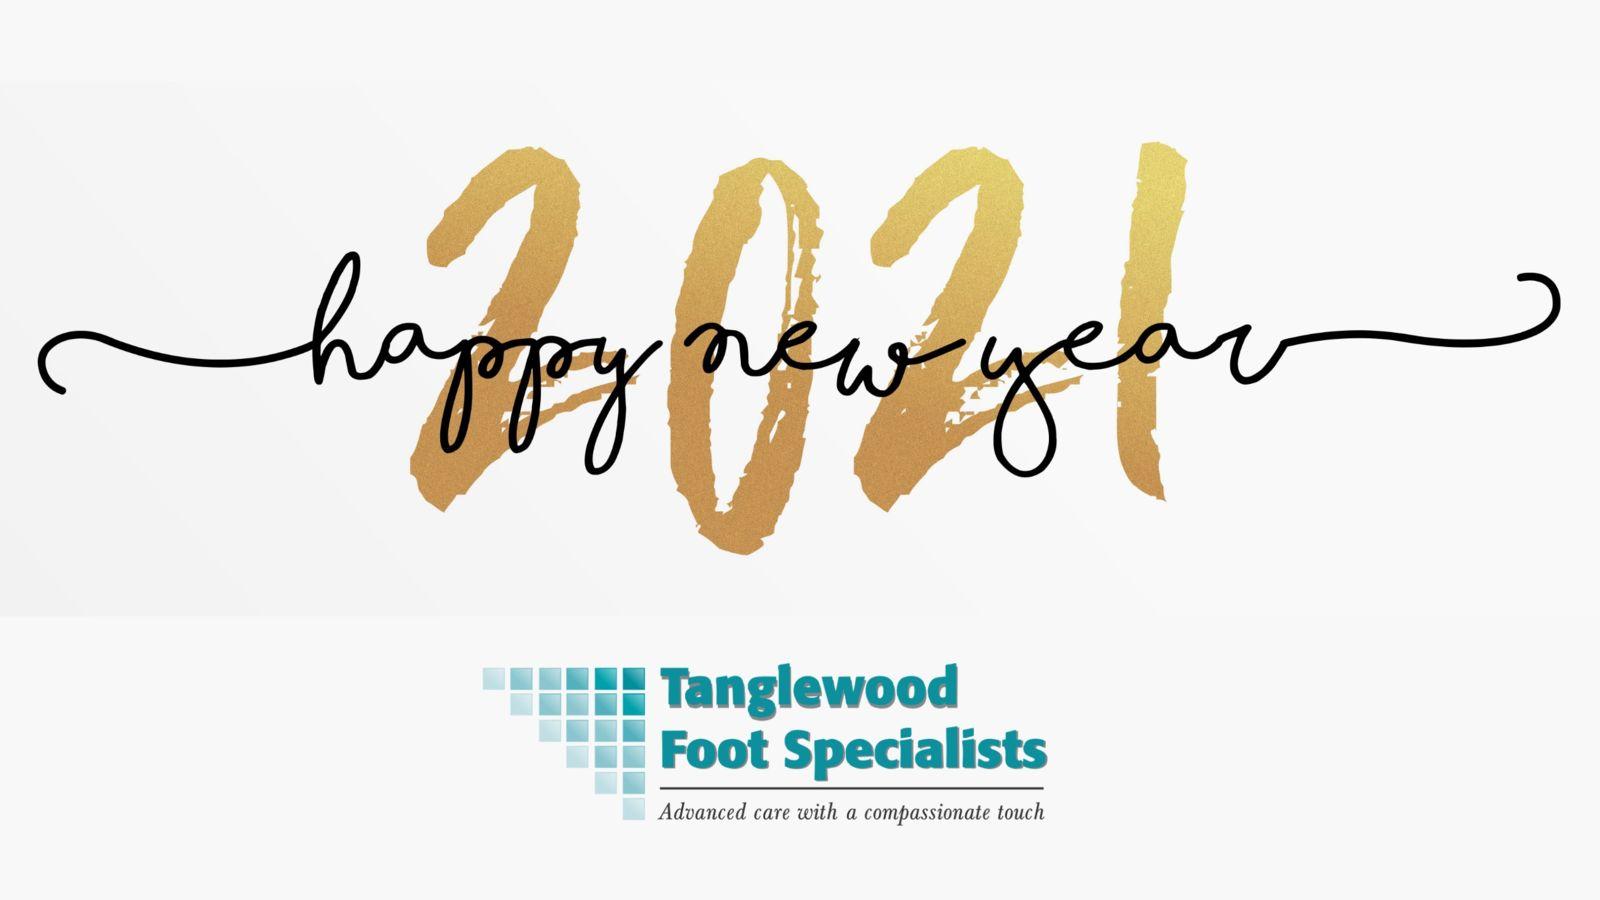 Houston podiatrist wishes you a Happy New Year